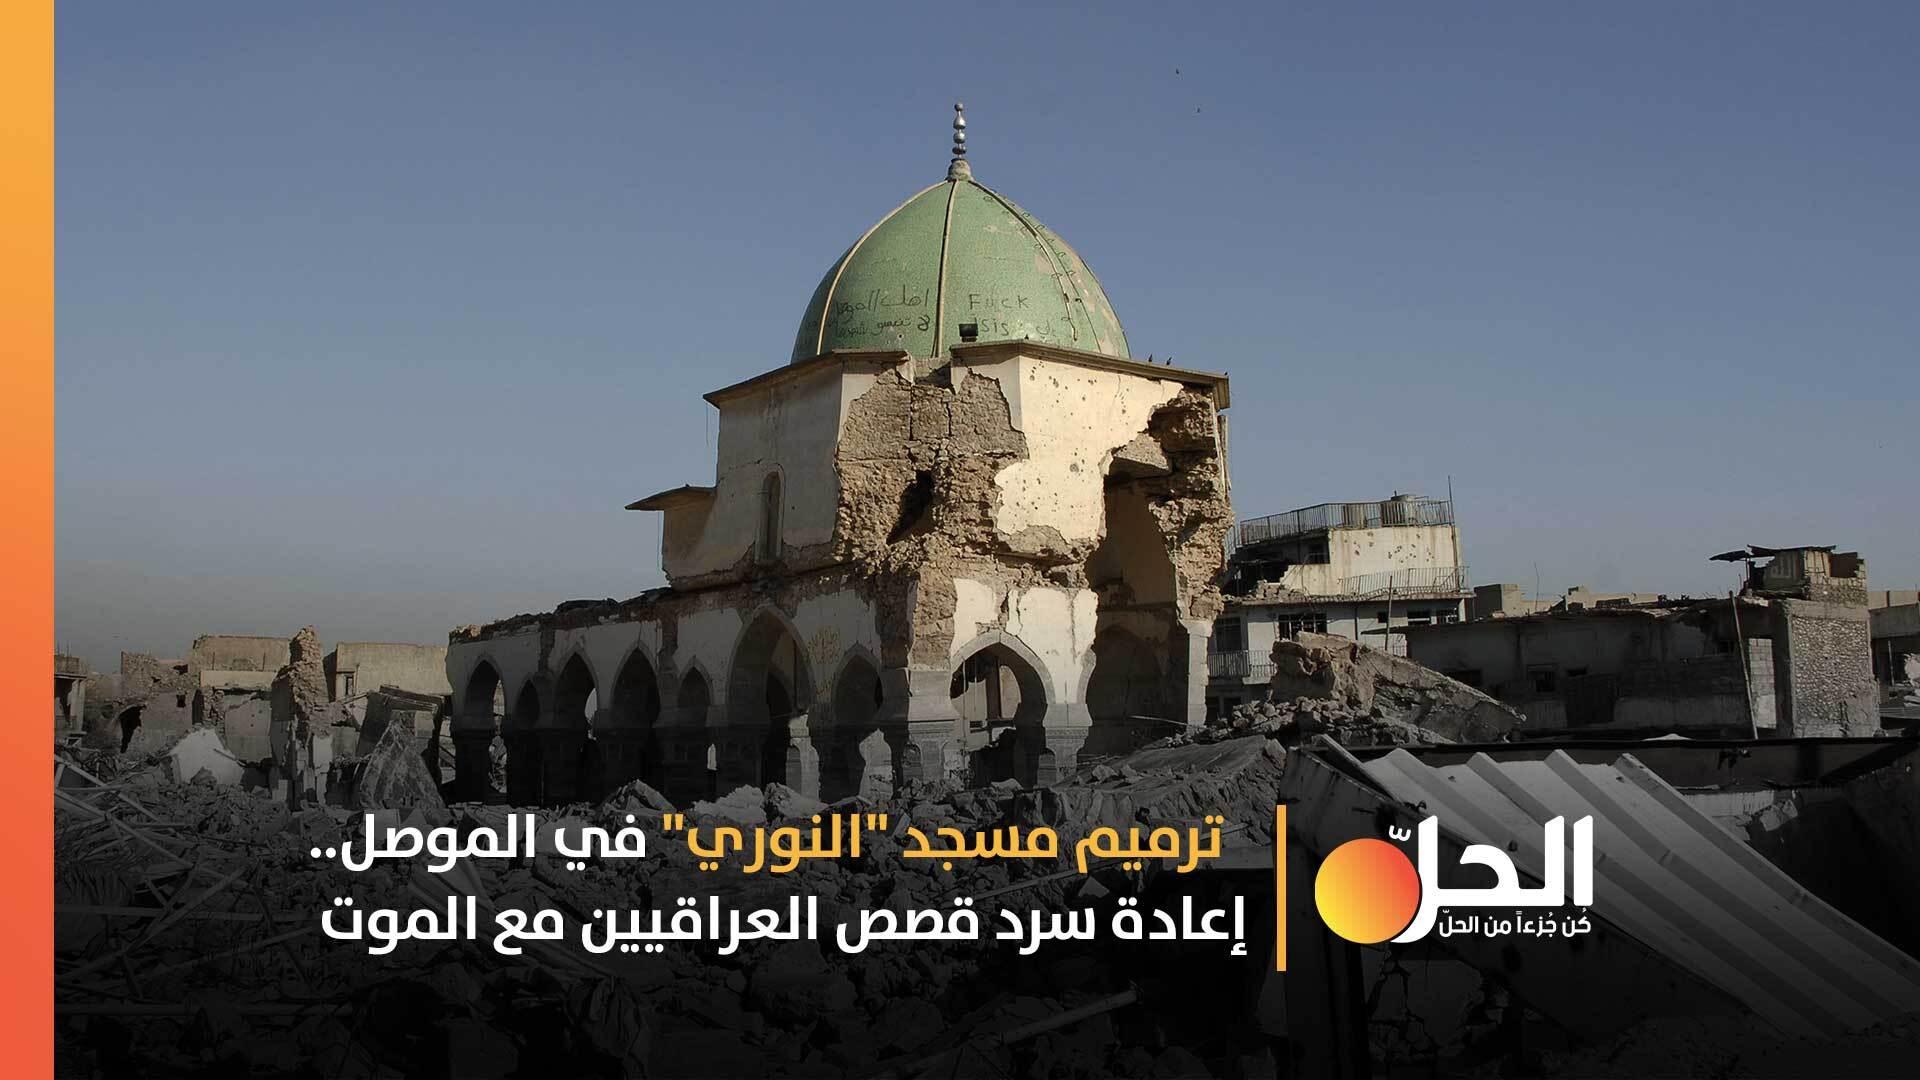 """طي صفحة «داعش» السوداء وتعزيز الاقتصاد المحلي.. اليونسكوتُبادر بترميم مسجد """"النوري"""" في الموصل العراقية"""